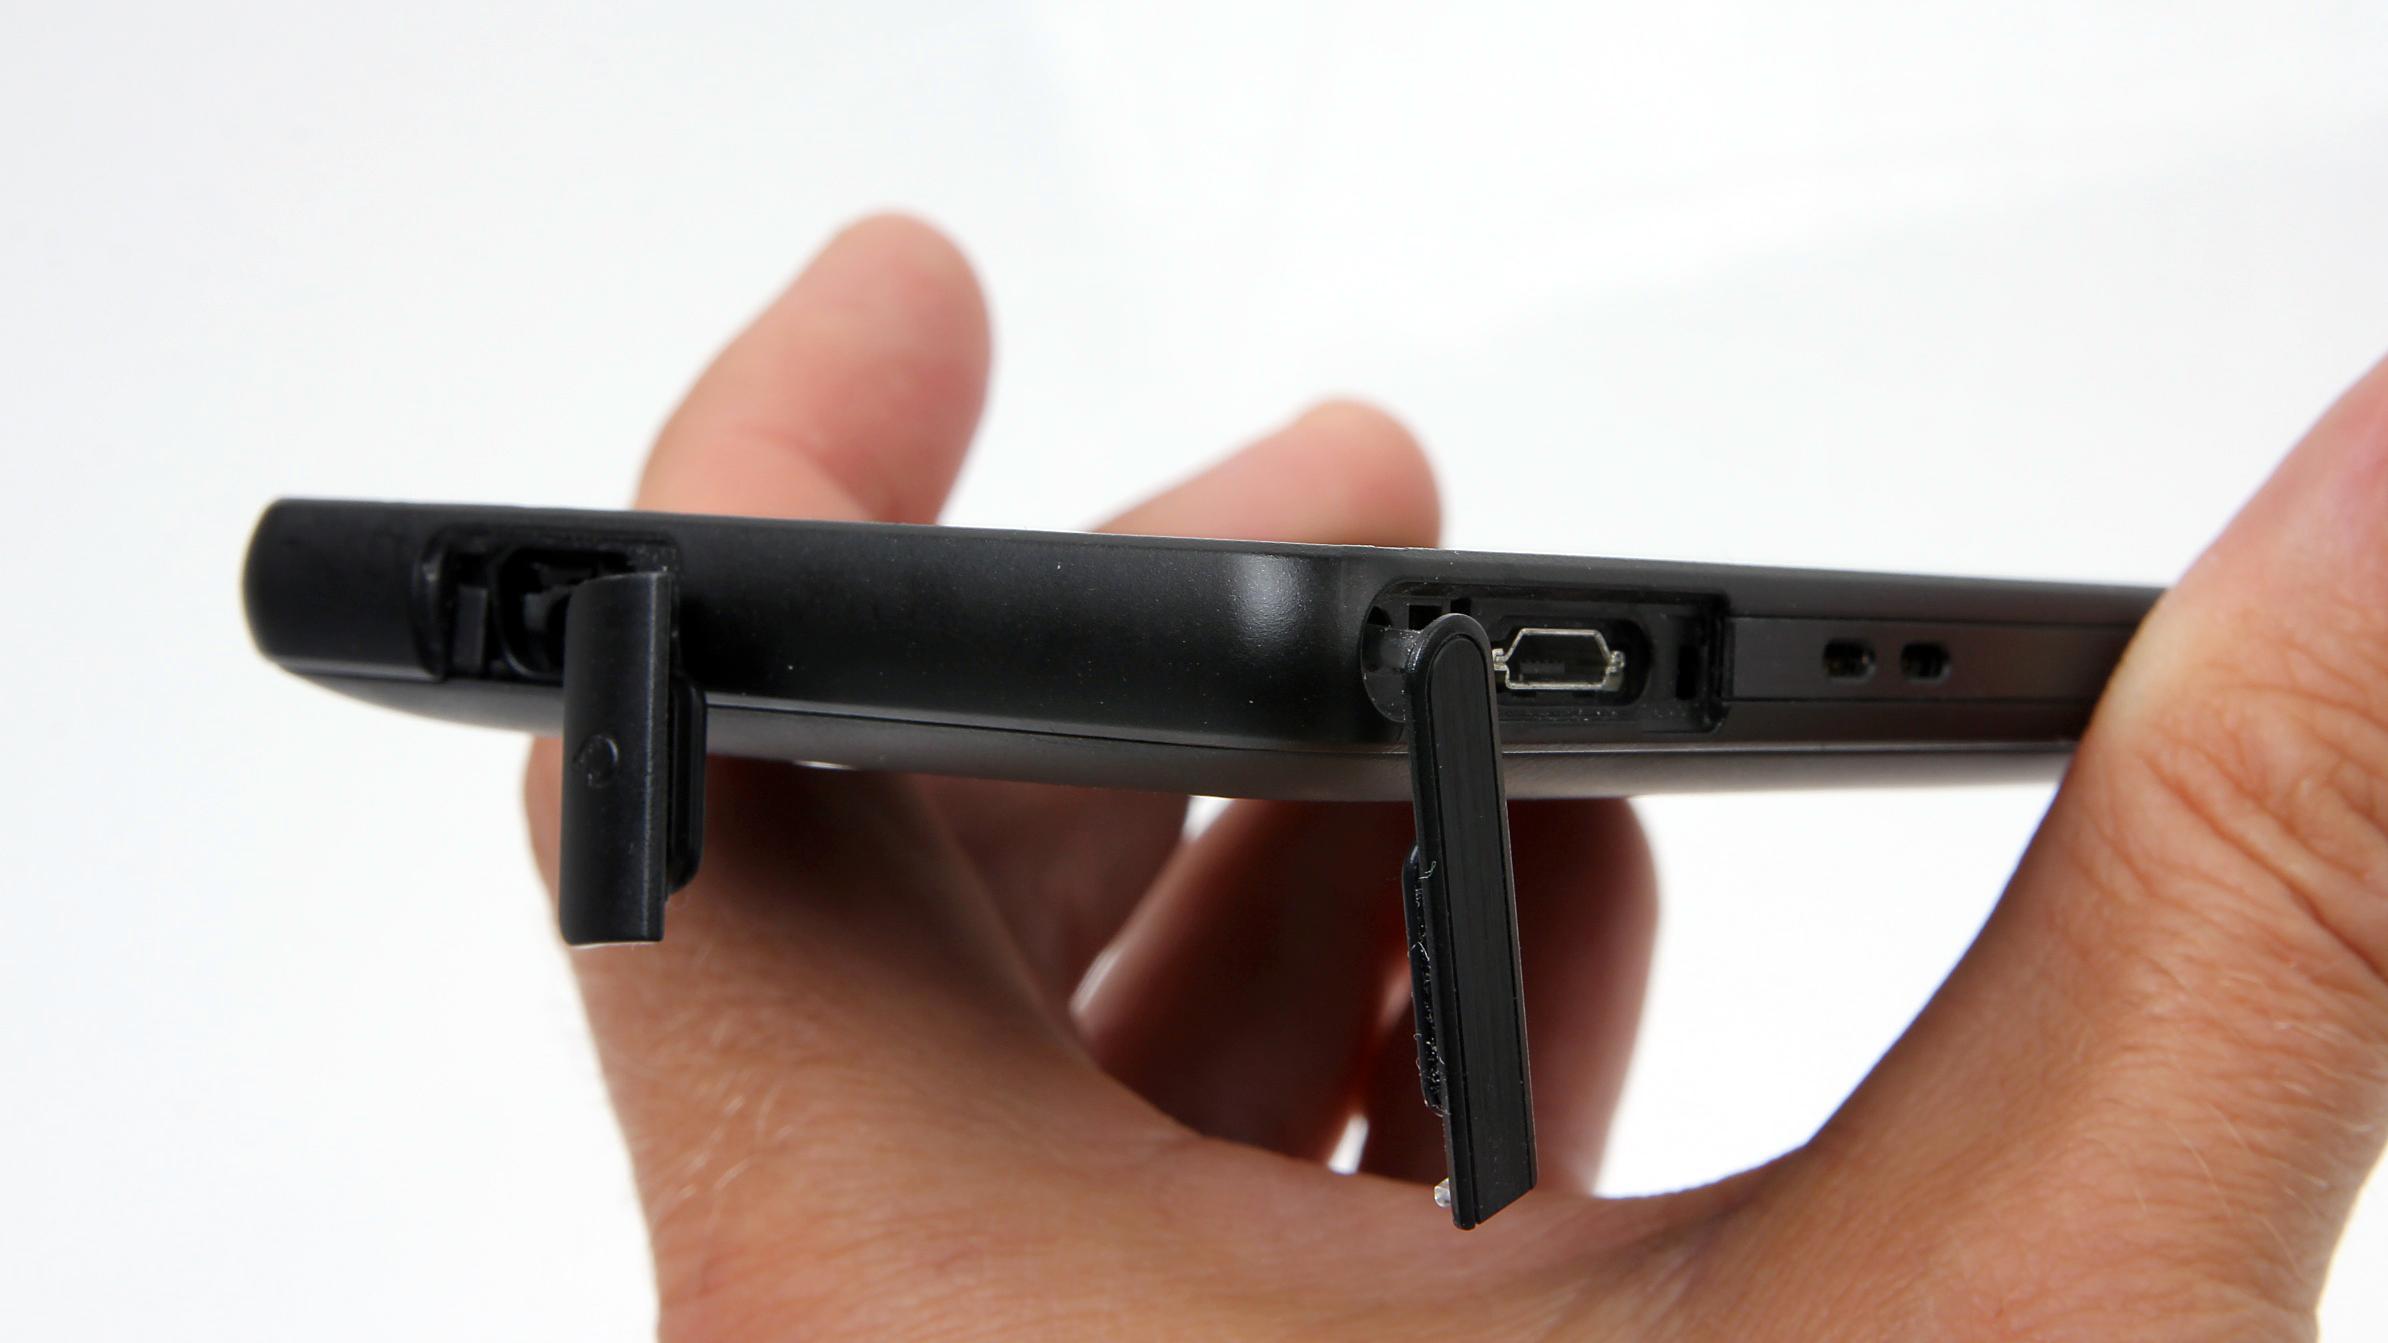 Vanntette luker beskytter hodetelefonutgangen og micro-USB-utgangen.Foto: Kurt Lekanger, Amobil.no